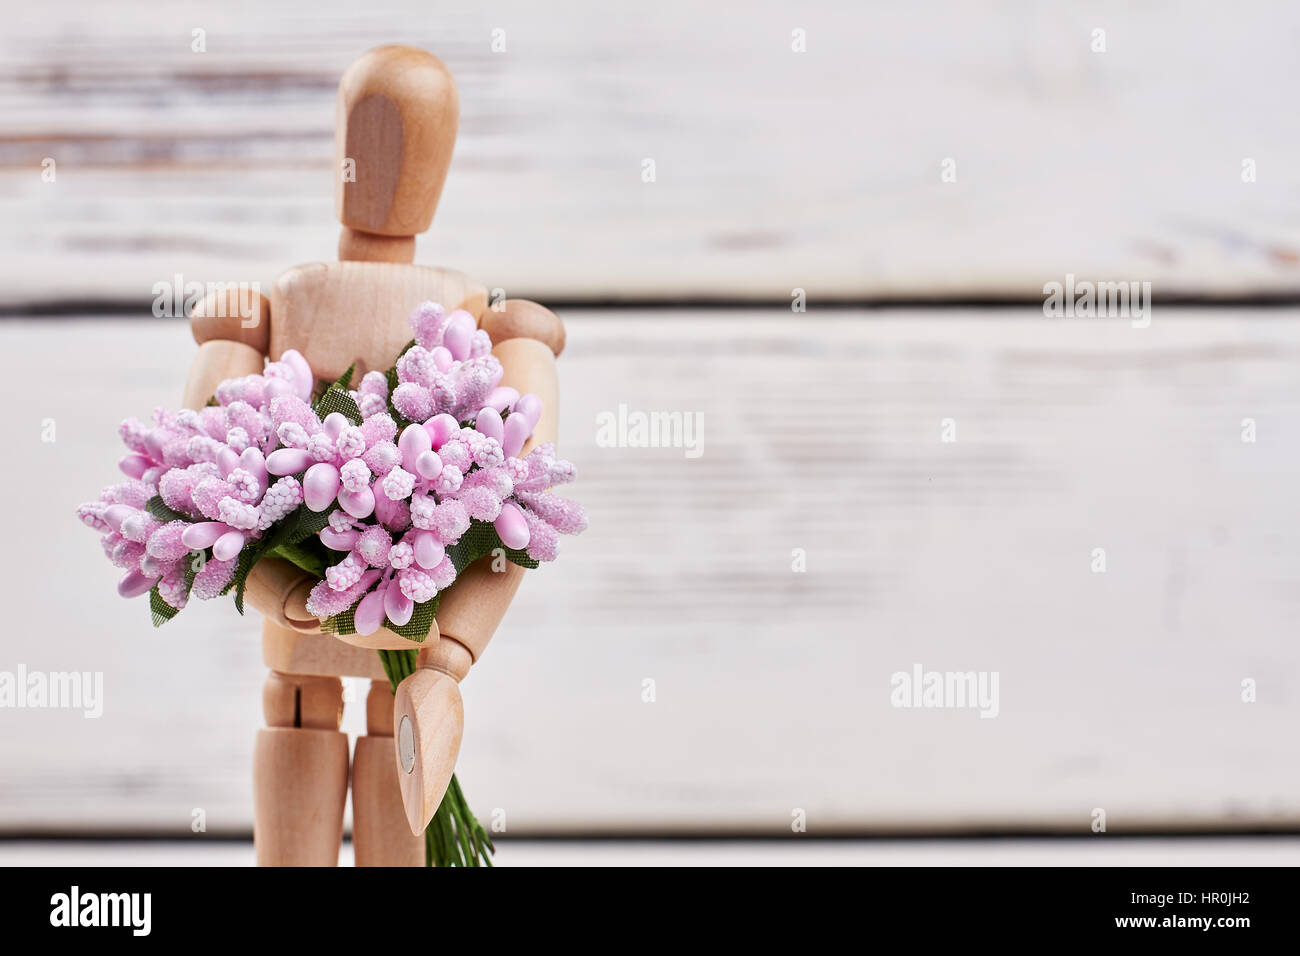 Il Manichino Con Il Mazzo Di Fiori Romantico Buongiorno Foto Stock Alamy